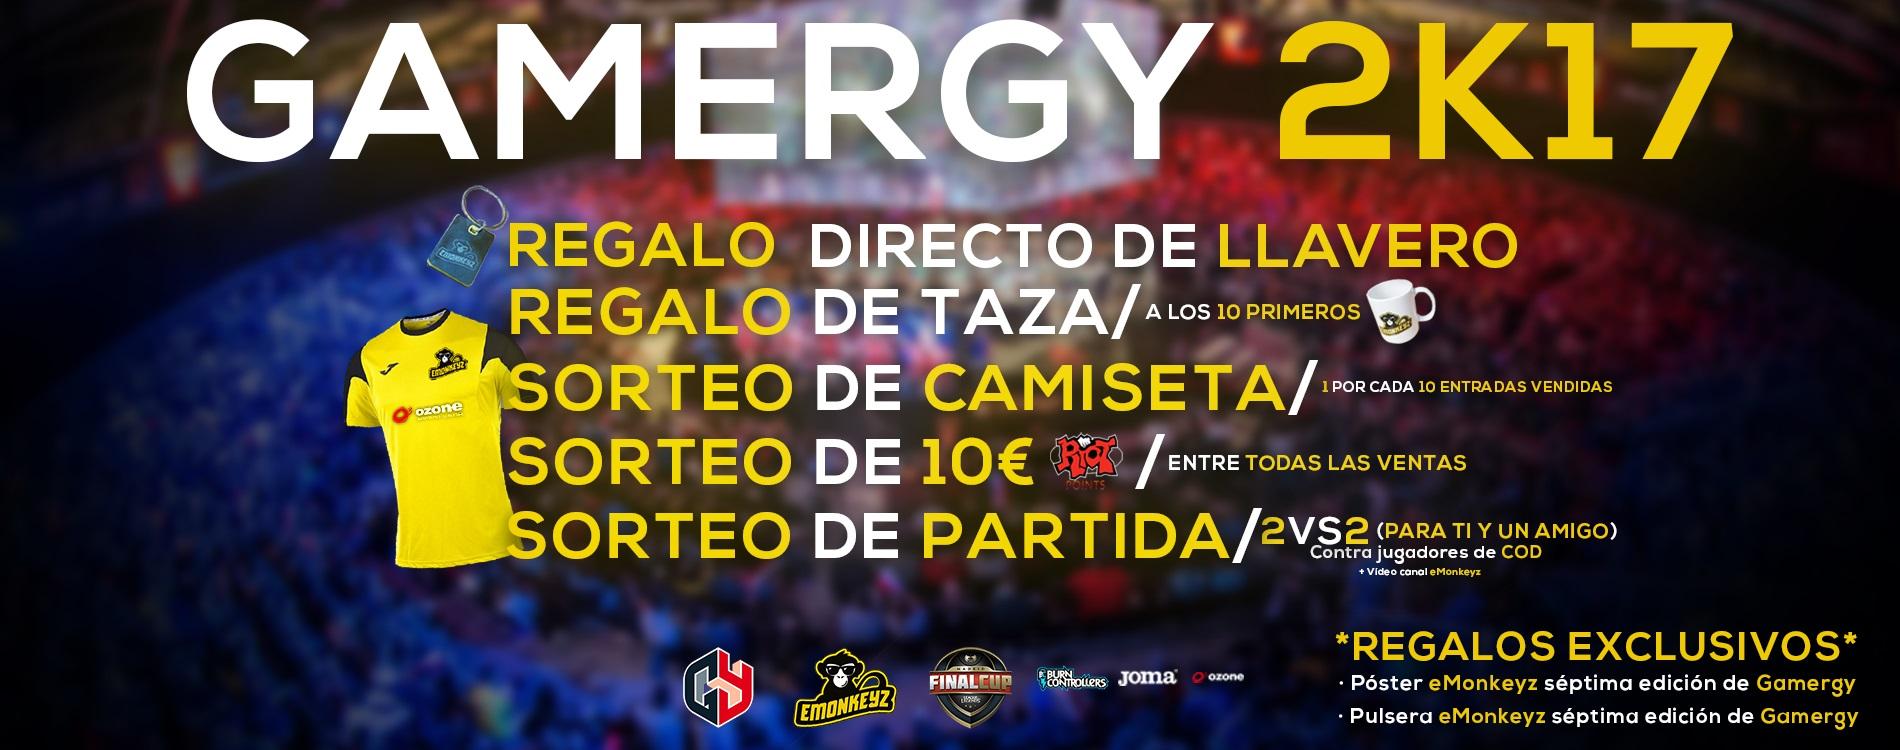 gamergy-2k17